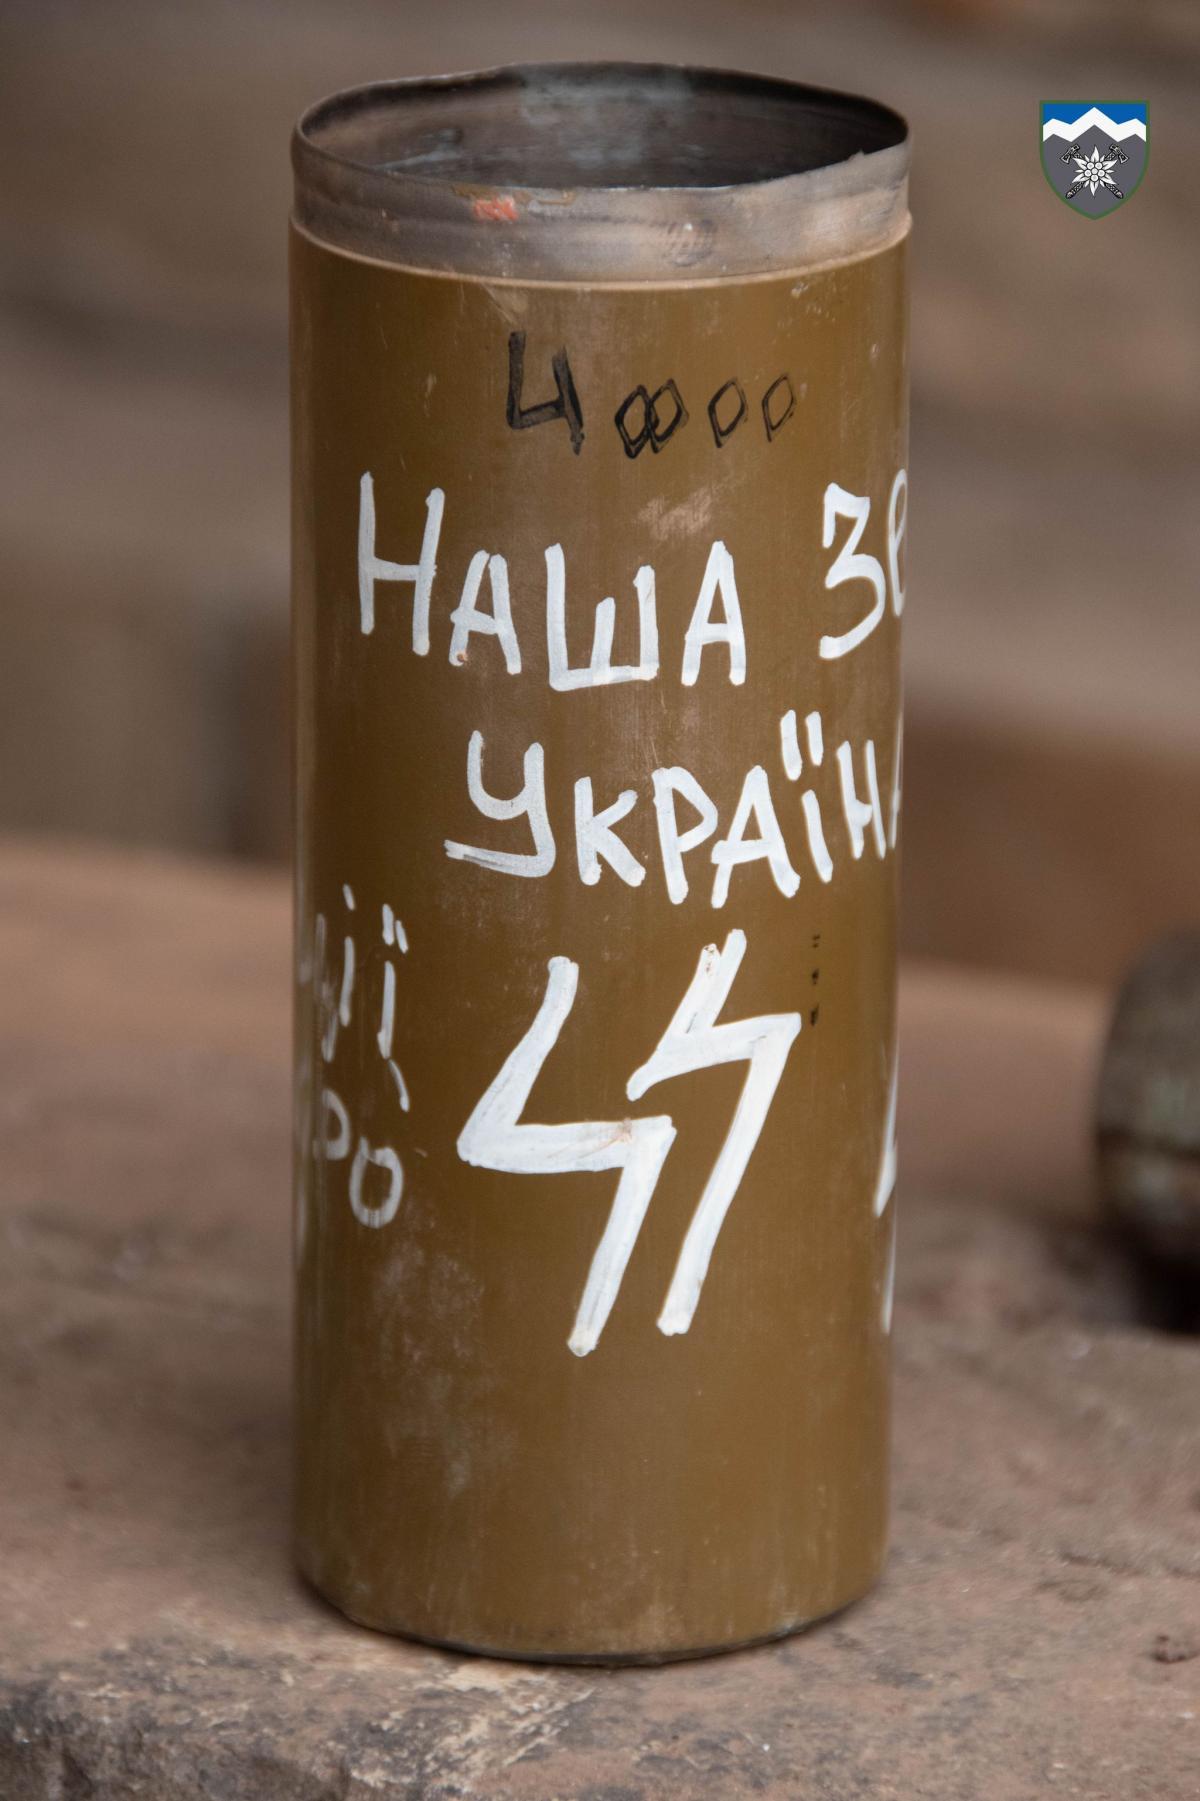 Напис на зеленому металі - то ще один уражаючий елемент інформаційної війни окупантів / скріншот